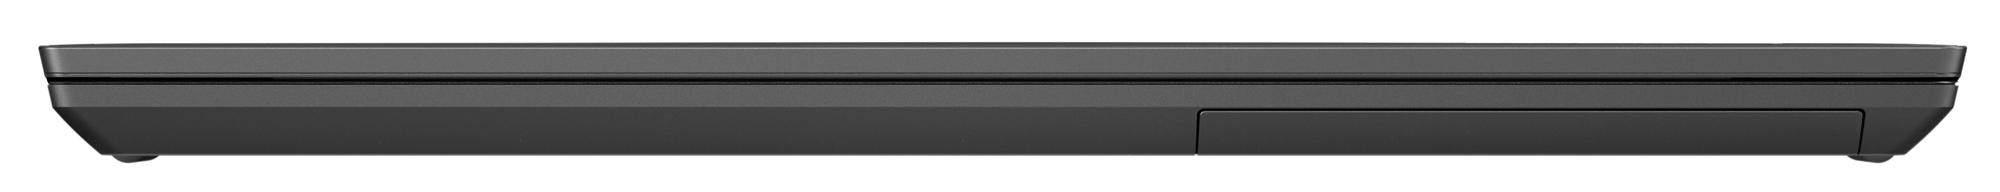 Фото  Ноутбук Lenovo V330-14 Grey (81B0010WRA)